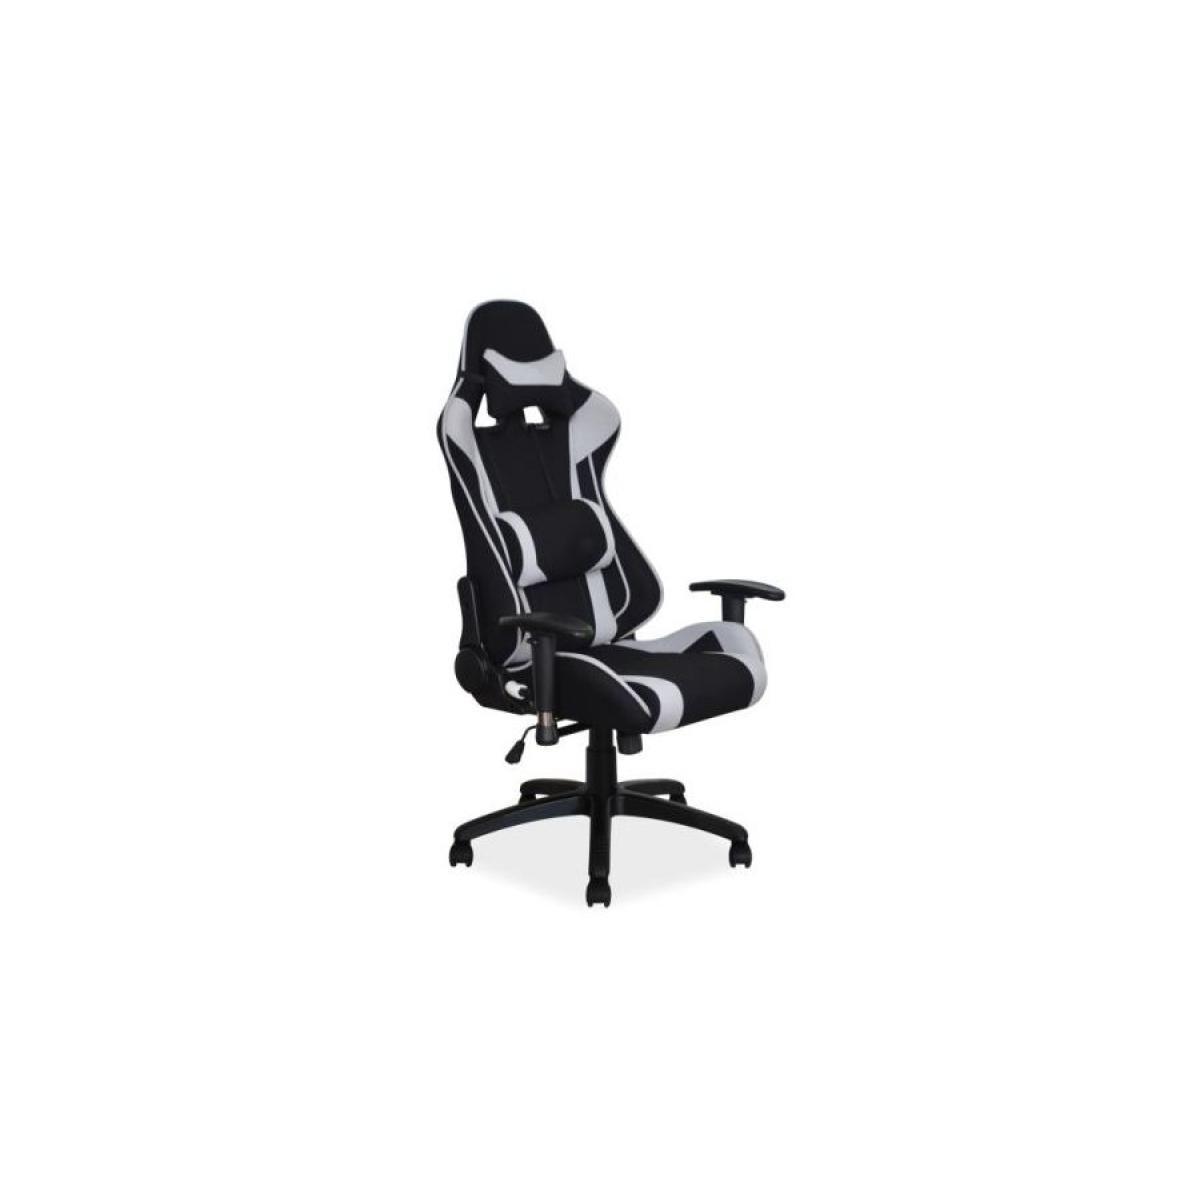 Hucoco VITER | Fauteuil pivotant gaming bureau | Hauteur réglable 127-135 cm | 2 coussins | Mécanisme TILT | Chaise bureau -